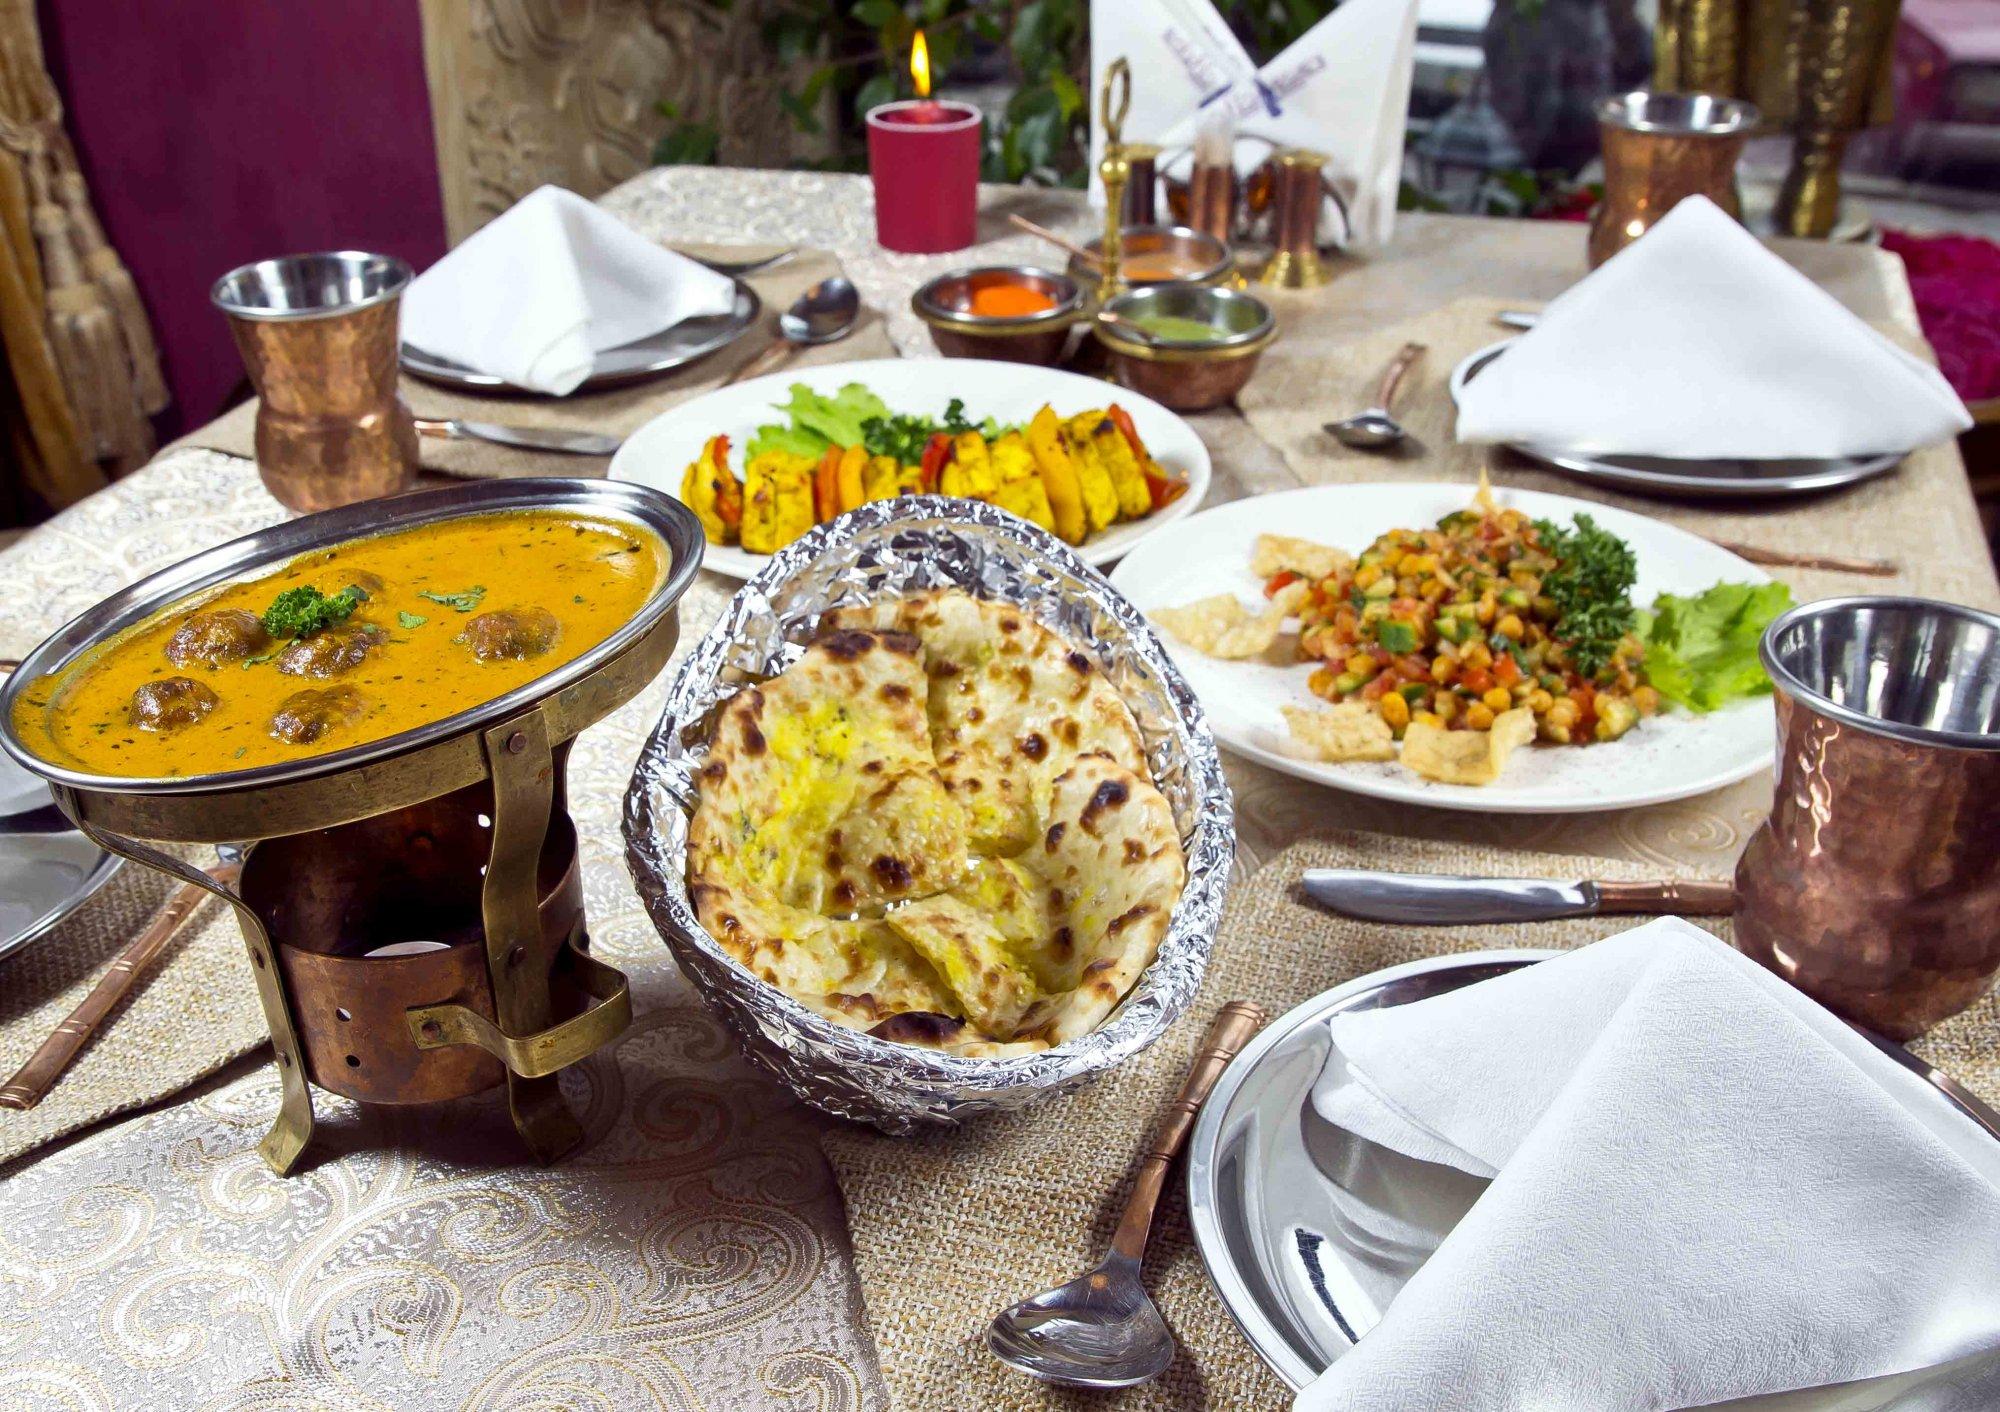 Правильное питание: что выбрать в ресторане греческой или индийской кухни?